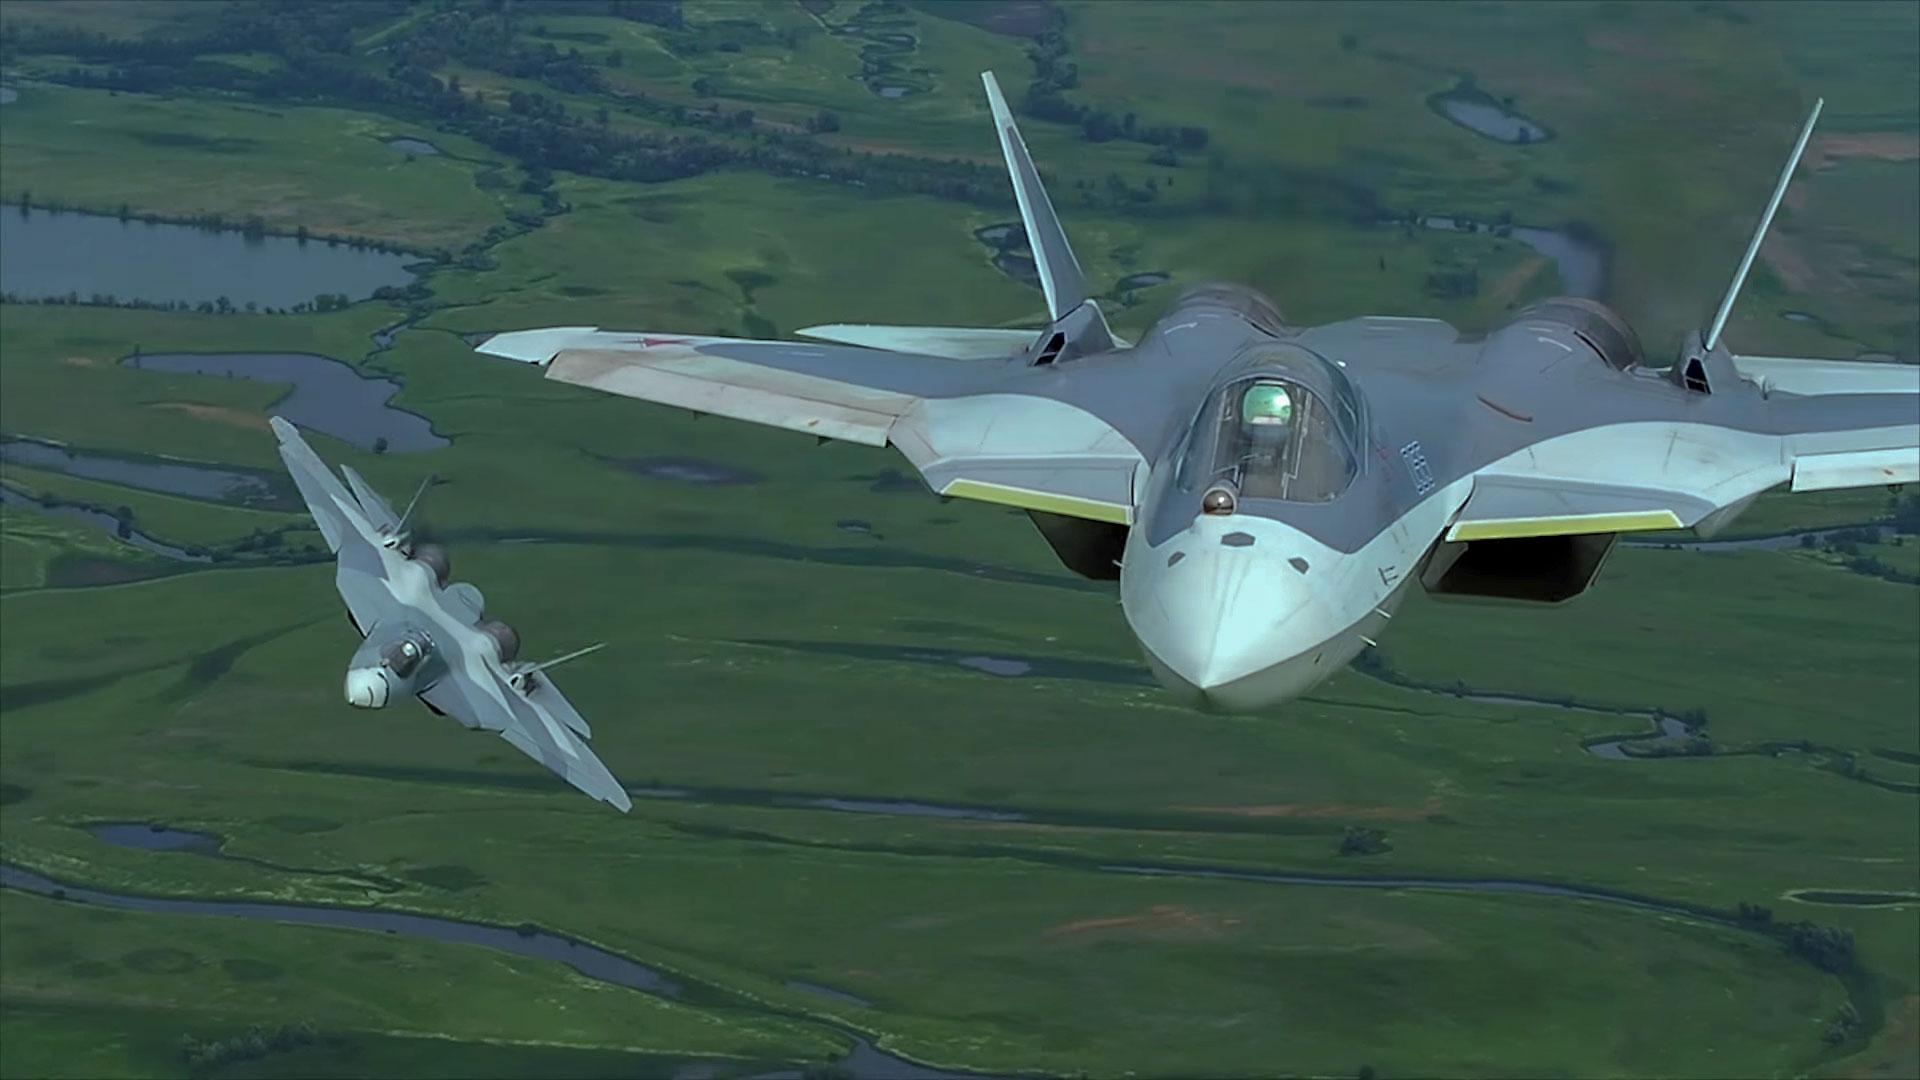 Самолет ПАК ФА, Т-50, И-21 - обои на рабочий стол